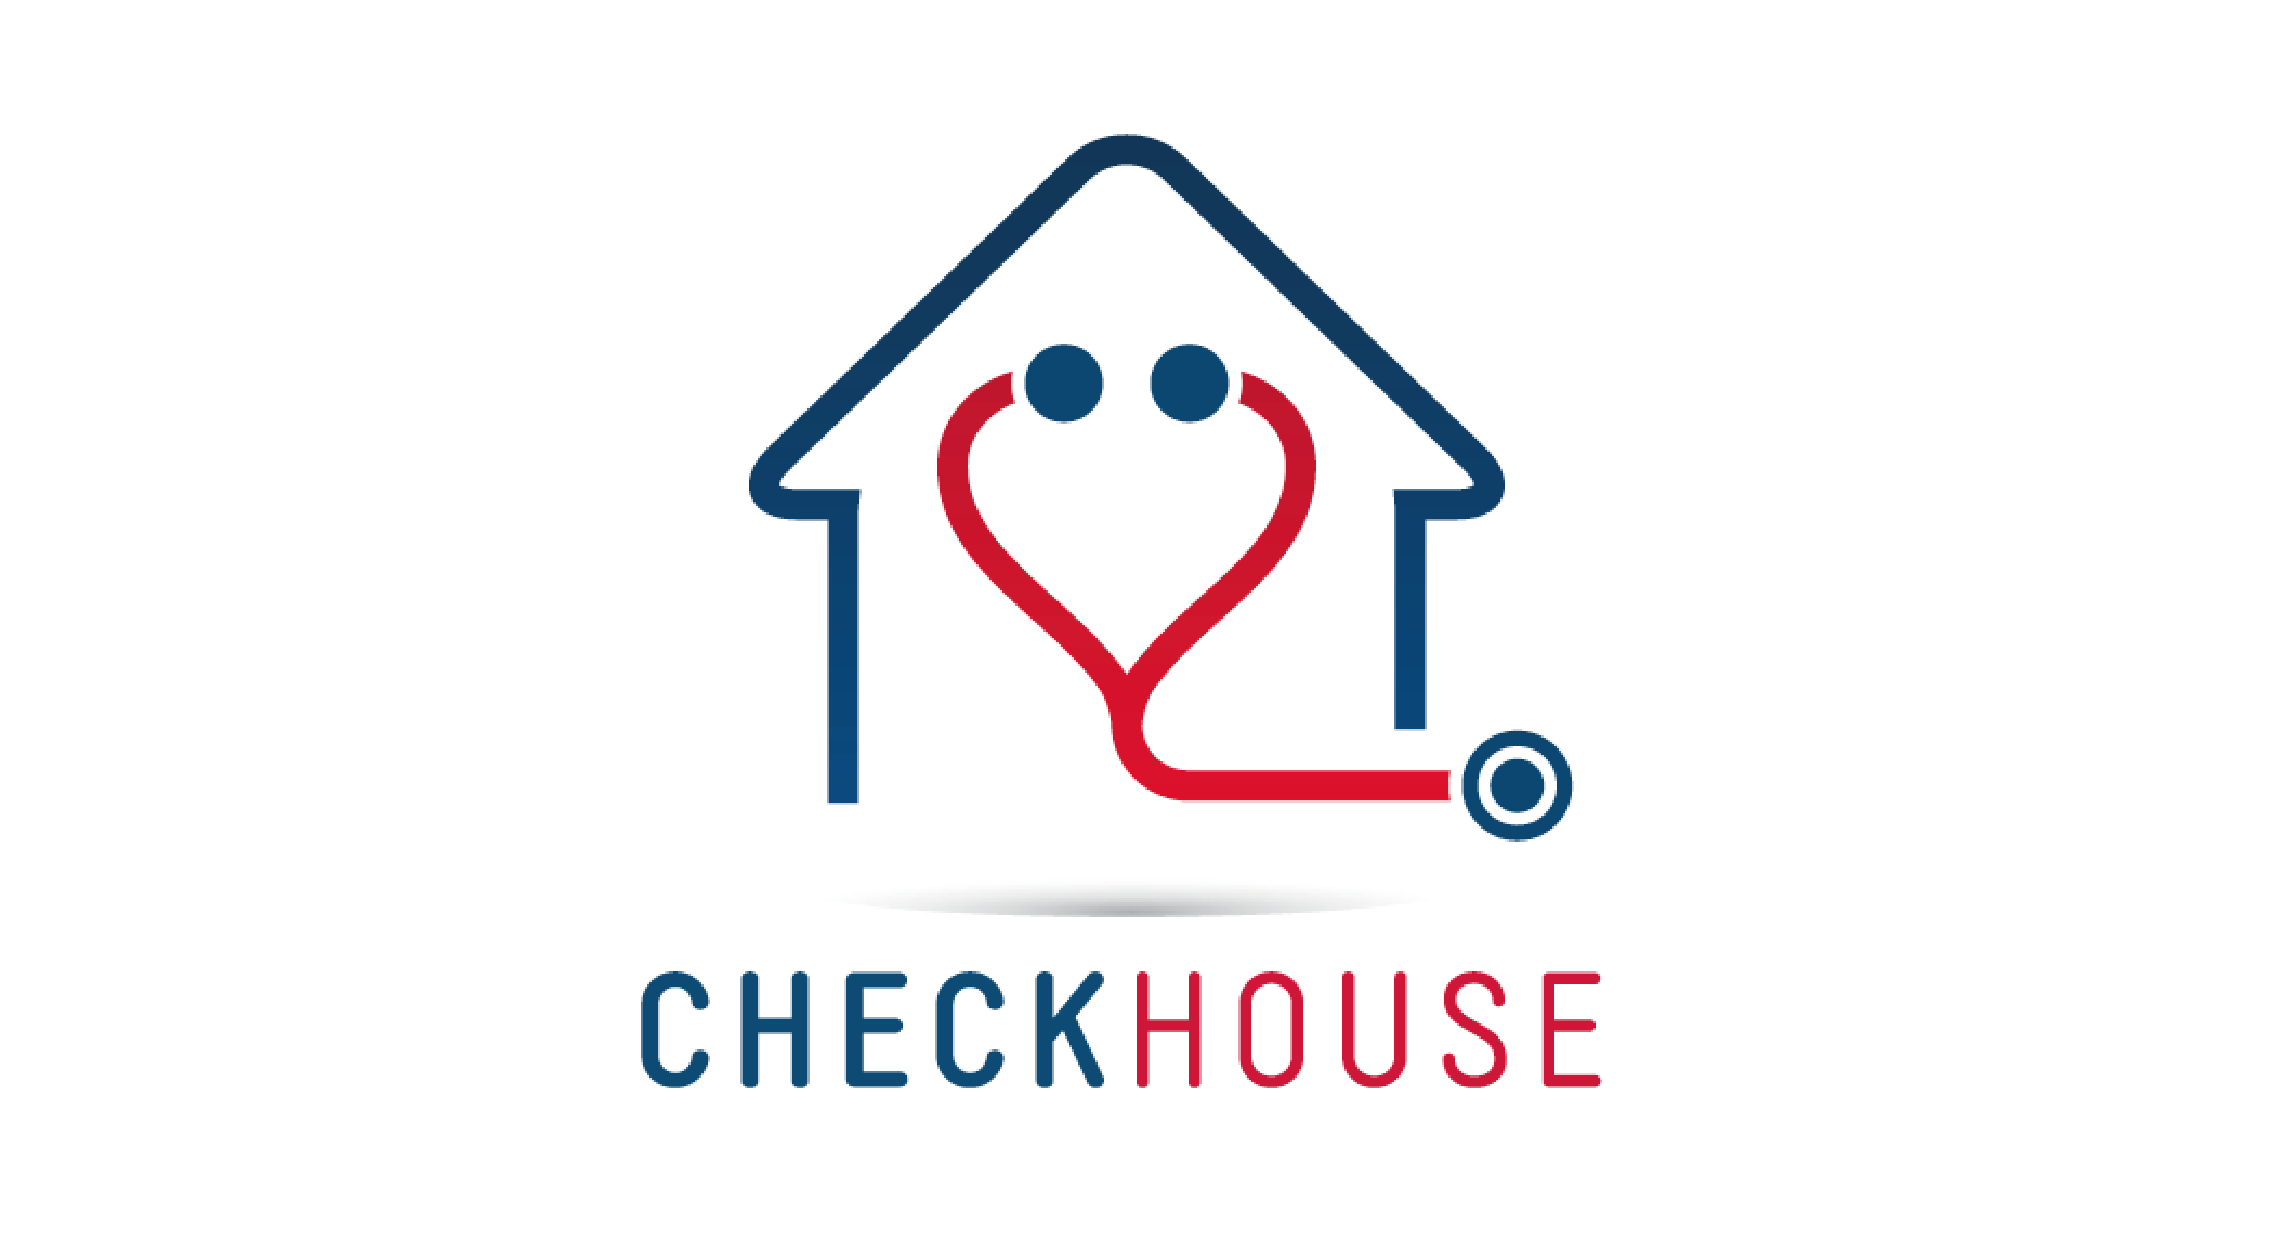 checkhouse